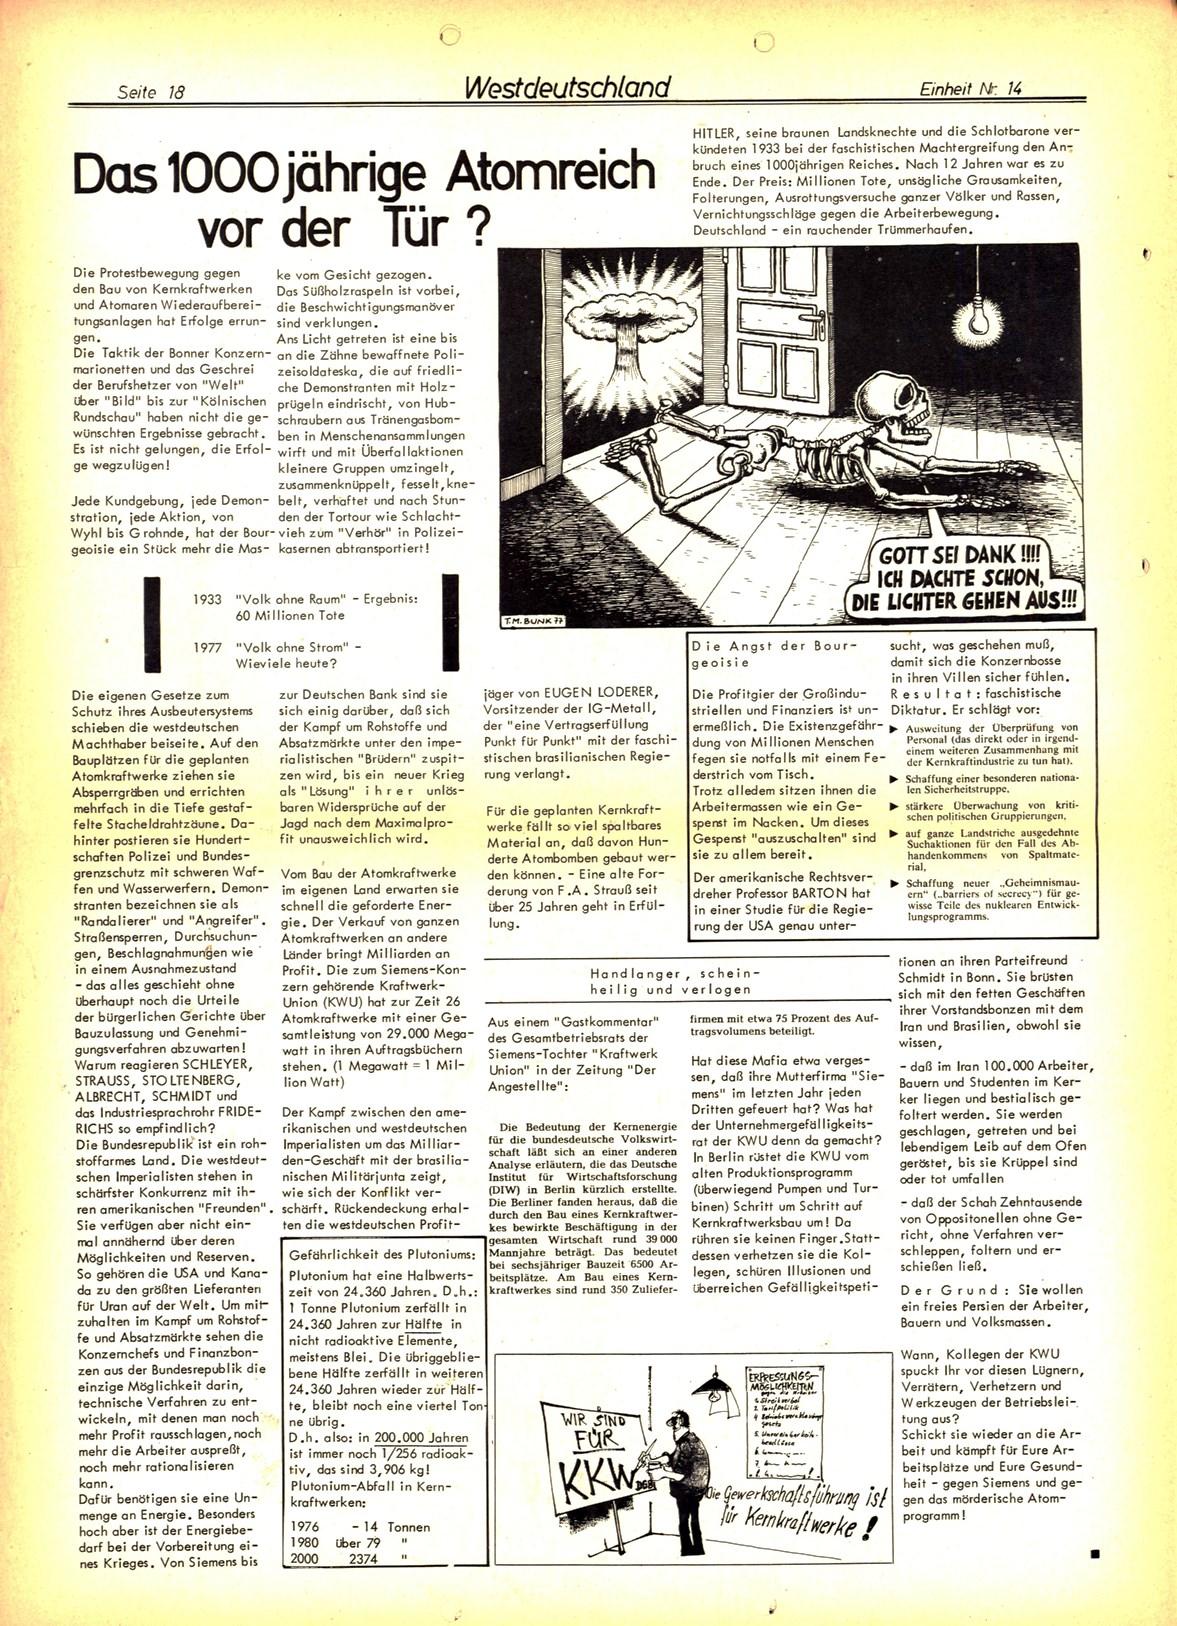 Koeln_IPdA_Einheit_1977_014_018